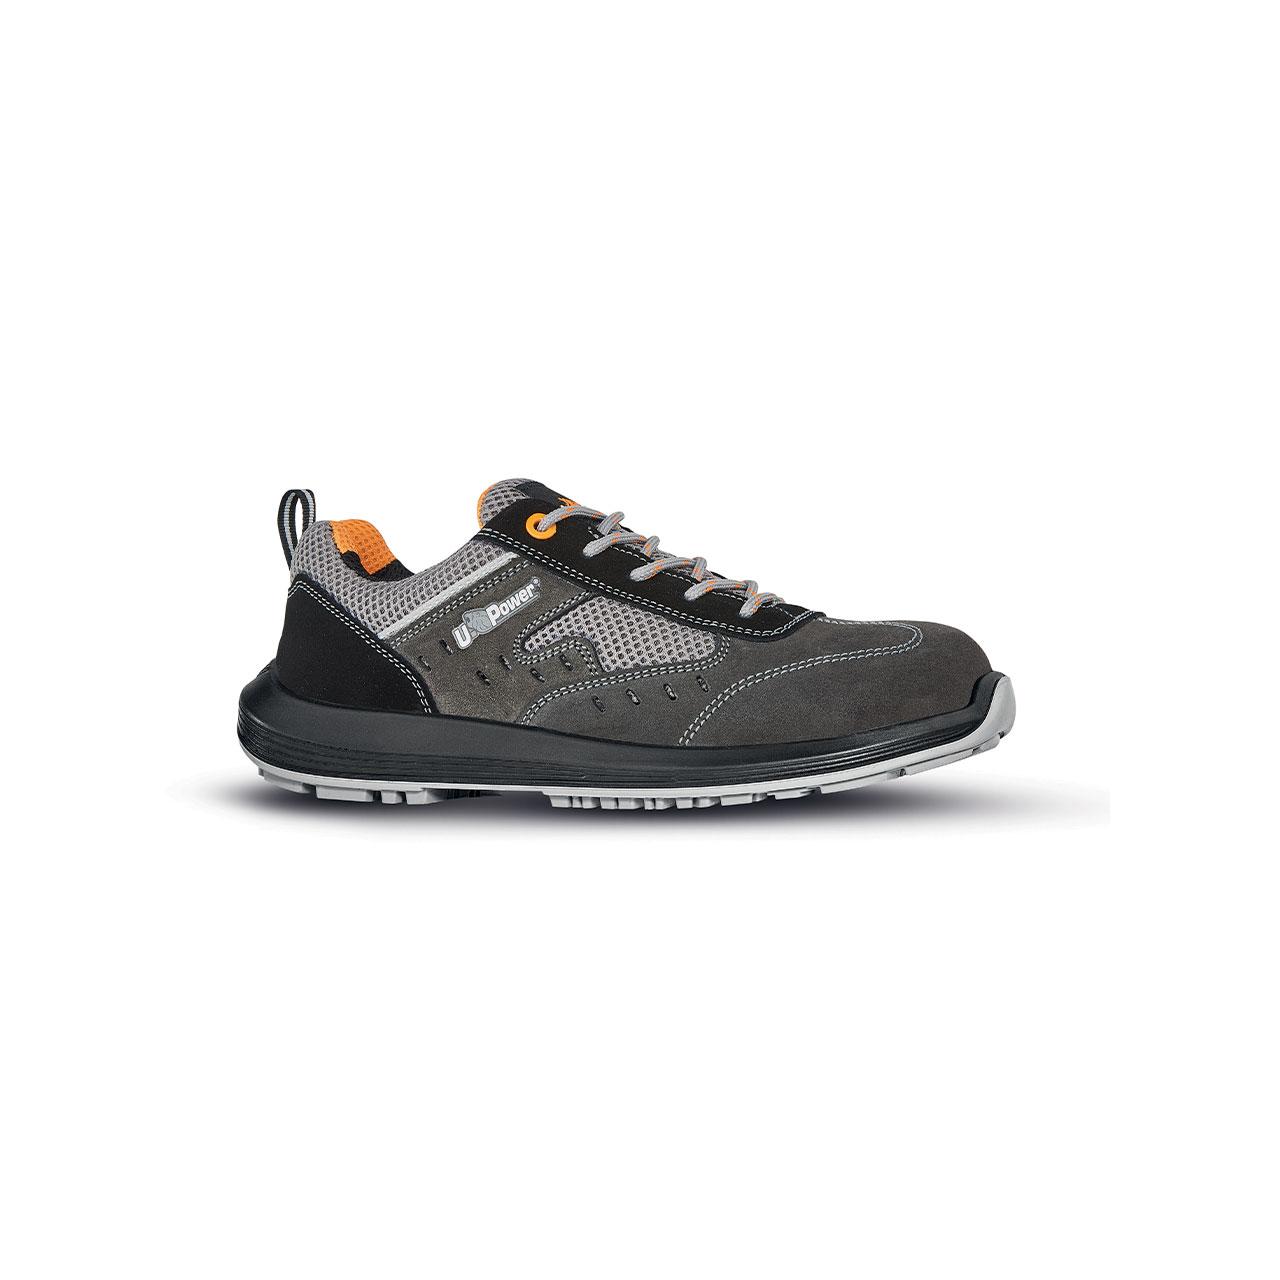 scarpa antinfortunistica upower modello sprint linea rock&roll vista laterale (1)